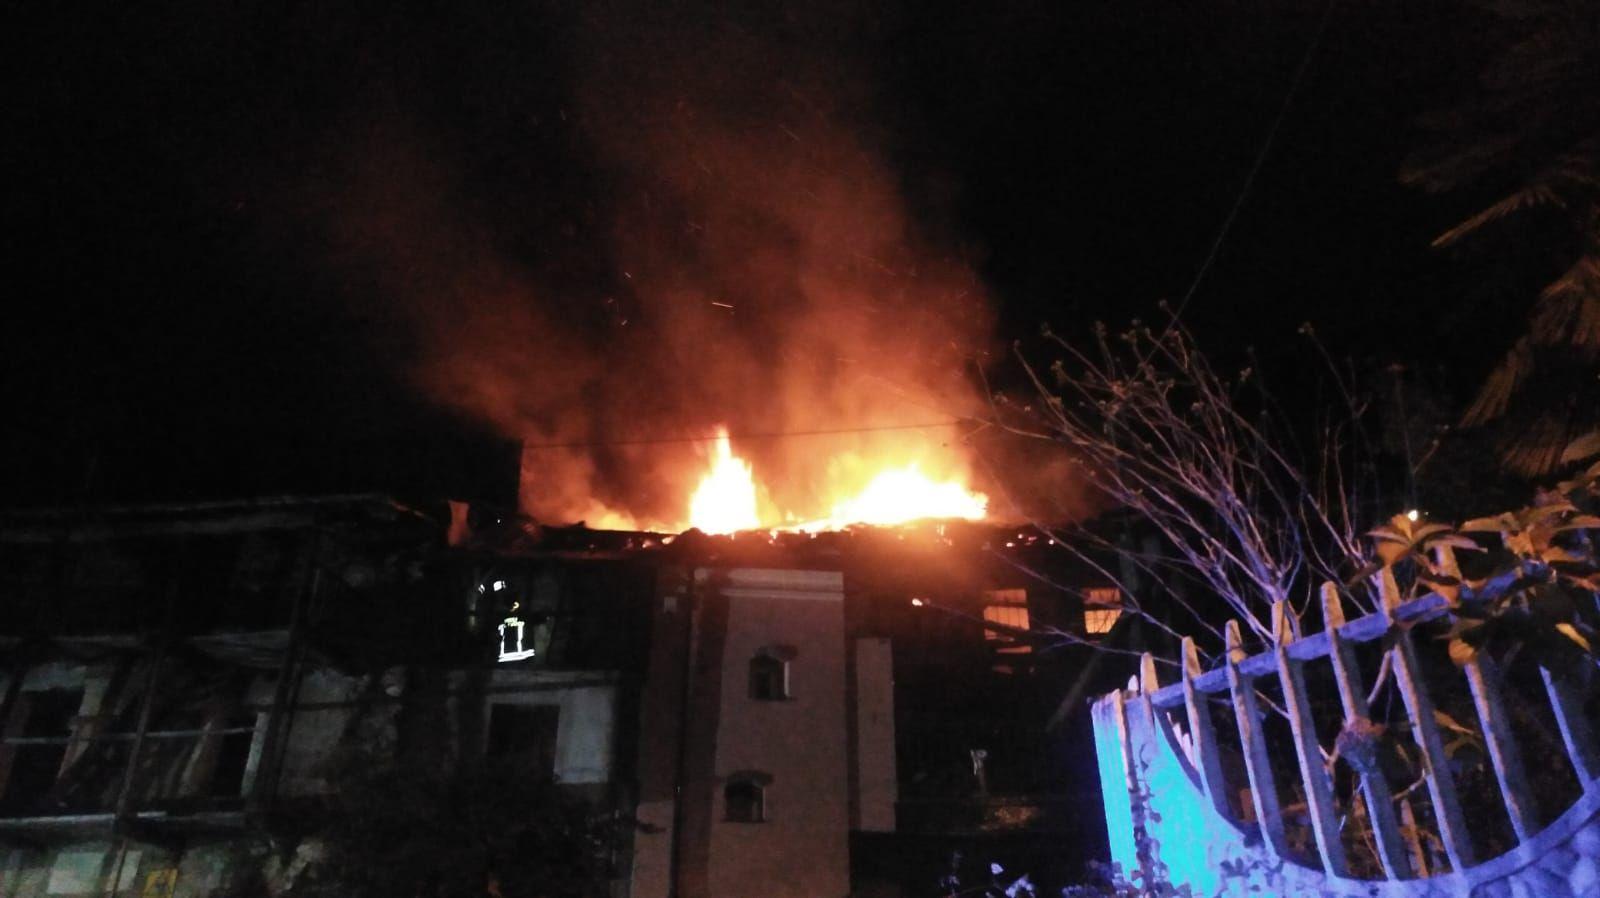 CUORGNE' - Furioso incendio devasta un'abitazione: ore intense di lavoro per i vigili del fuoco - FOTO